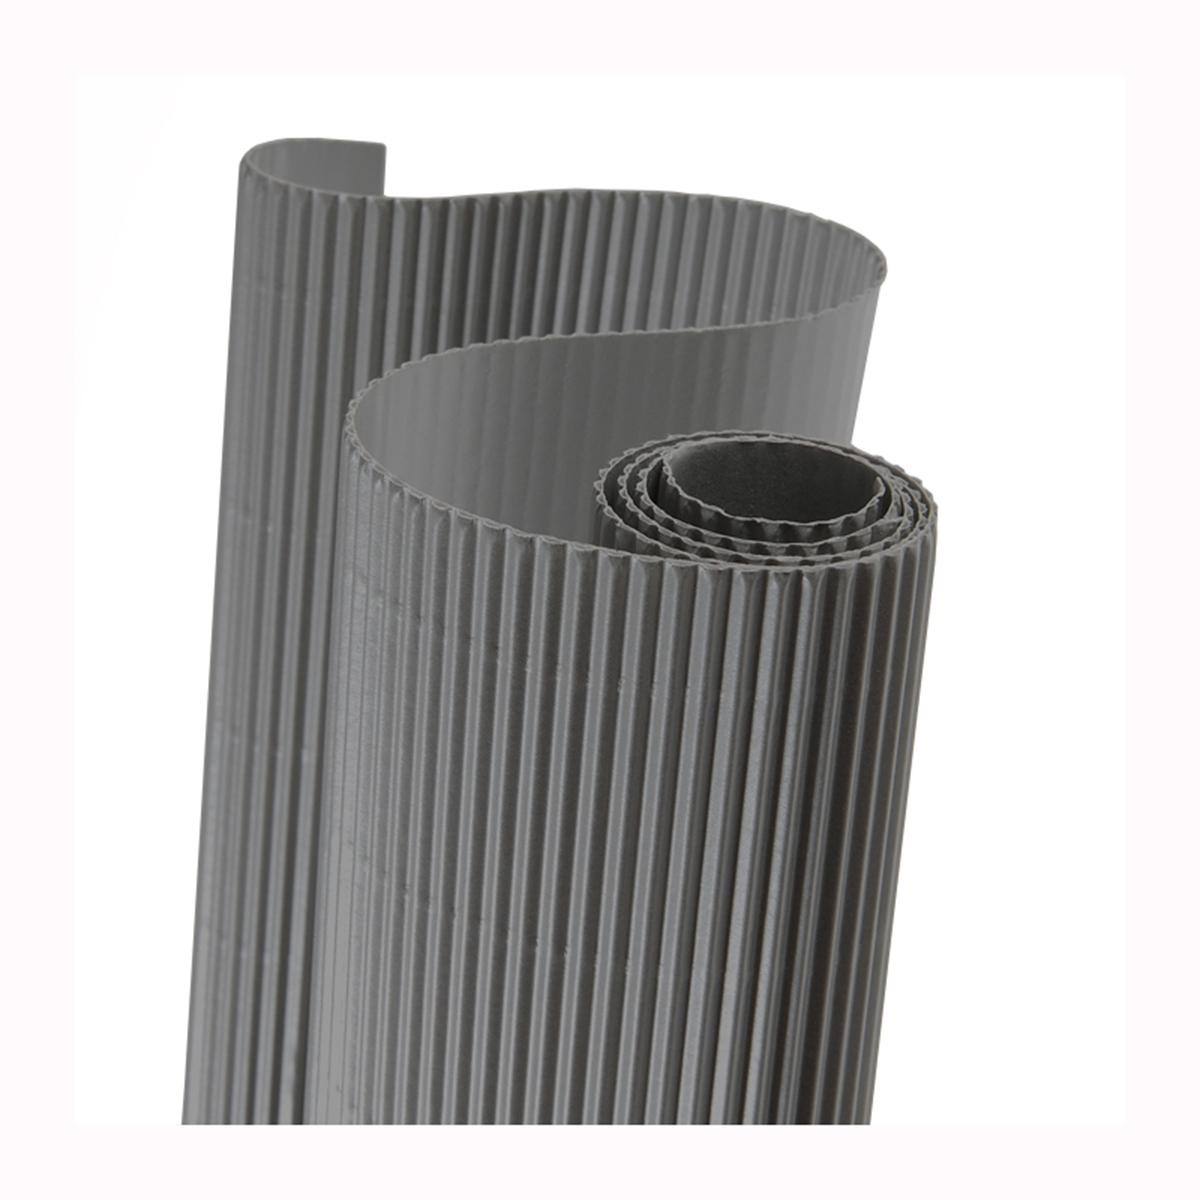 Картон гофрированный Folia, цвет: серый, 50 х 70 см7710888_80 серыйДвухслойный гофрированный картон Folia в основном применяется для декорирования. Он состоит из одного слоя плоского картона и слоя бумаги, имеющую волнообразную (гофрированную) форму. Отличается малым весом и высокими физическими параметрами.Применение: для дизайнерских и оформительских работ, для декоративного детского творчества. Также такой материал хорошо зарекомендовал себя в качестве упаковочного материала.